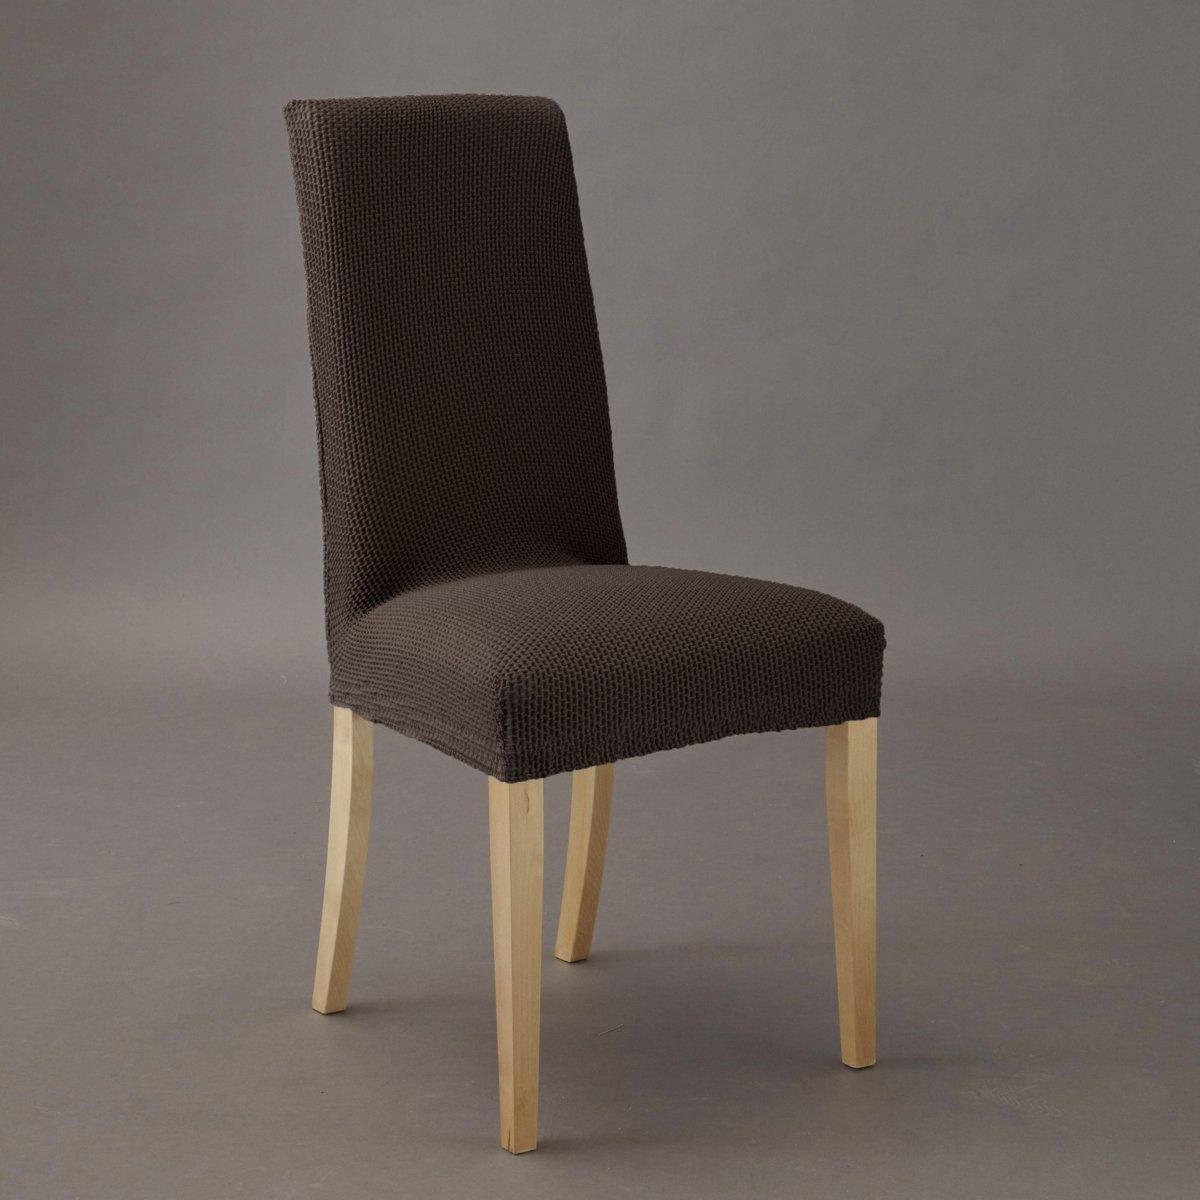 Чехол для стула АхмисХарактеристики : -гофрированная ткань, 55% хлопка, 40% полиэстера, 5% эластана  стирка при 30° .  Эластичный низ, идеально обтягивает стул  !Размеры : Спинка :Высота  : 54 см максимум 68 см Ширина  : 34 см максимум 53 см Сиденье :Высота  : 10 см Ширина  : 29 см максимум 54 см Глубина : 26 см максимум 43 см Чехол для дивана и чехол для кресла из коллекции Вы можете найти на laredoute . ru .<br><br>Цвет: антрацит,бежевый,красный,серо-коричневый каштан,серый,экрю<br>Размер: единый размер.единый размер.единый размер